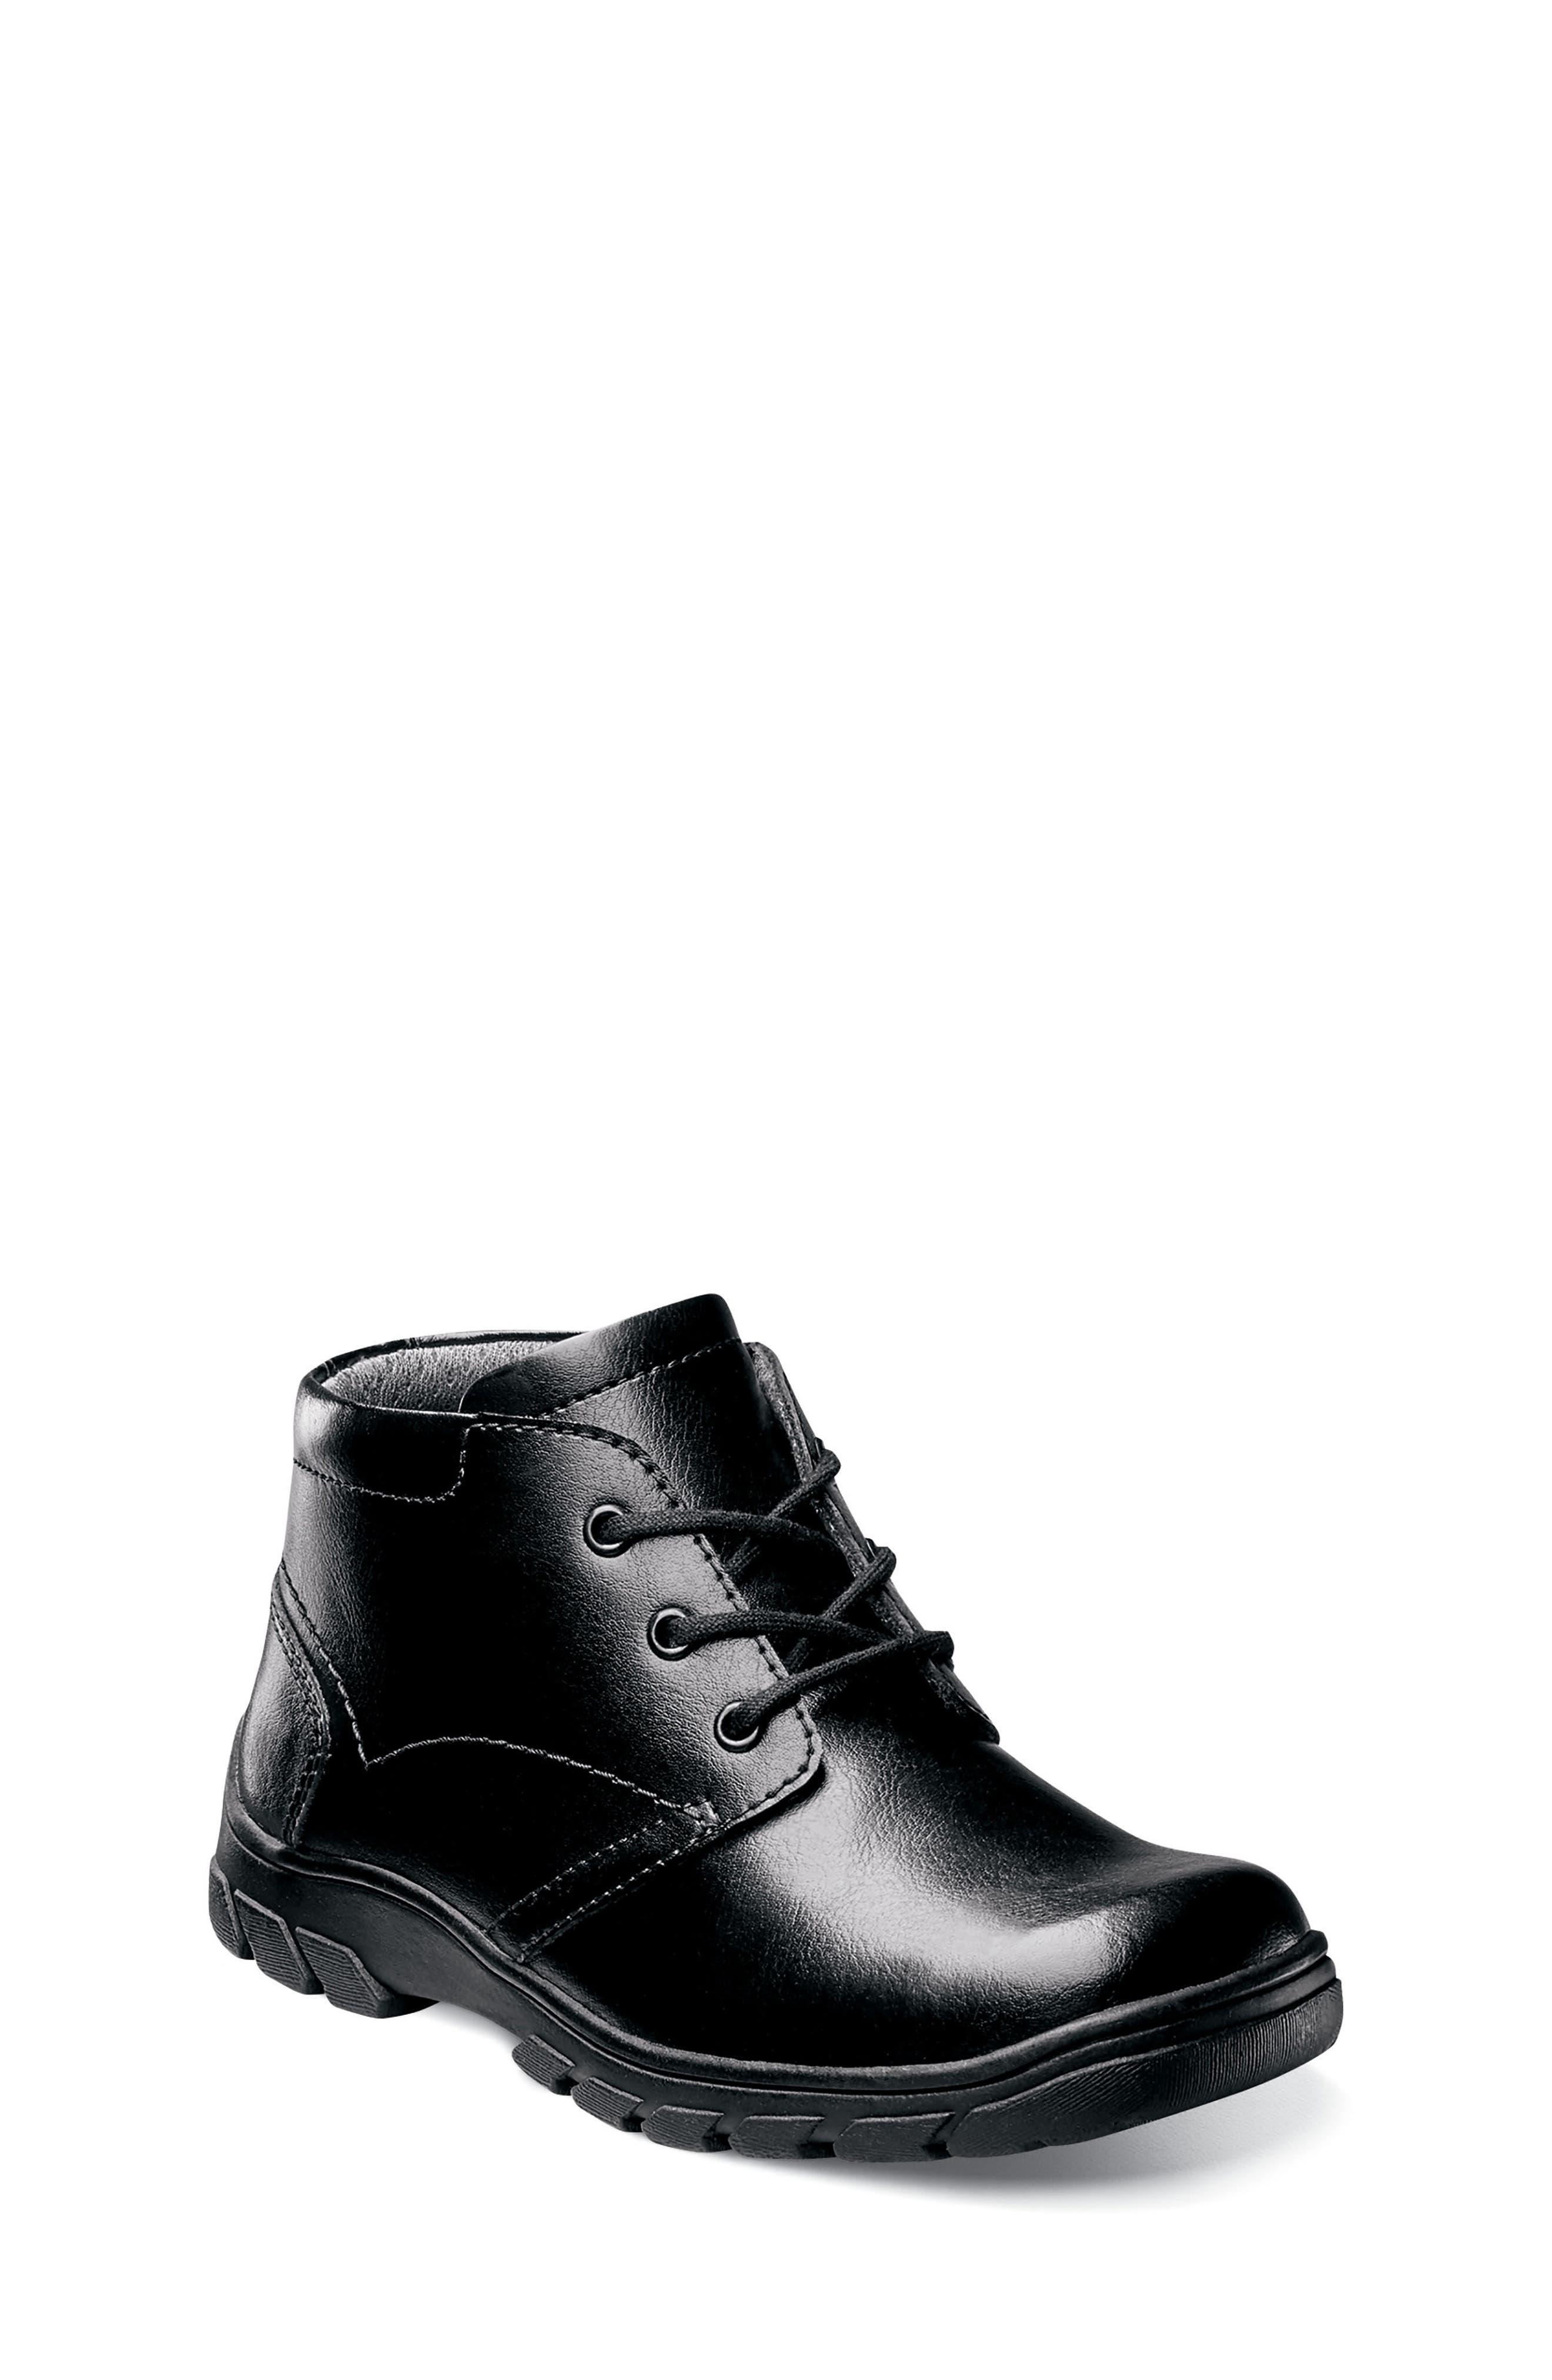 Getaway Low Boot,                             Main thumbnail 1, color,                             001